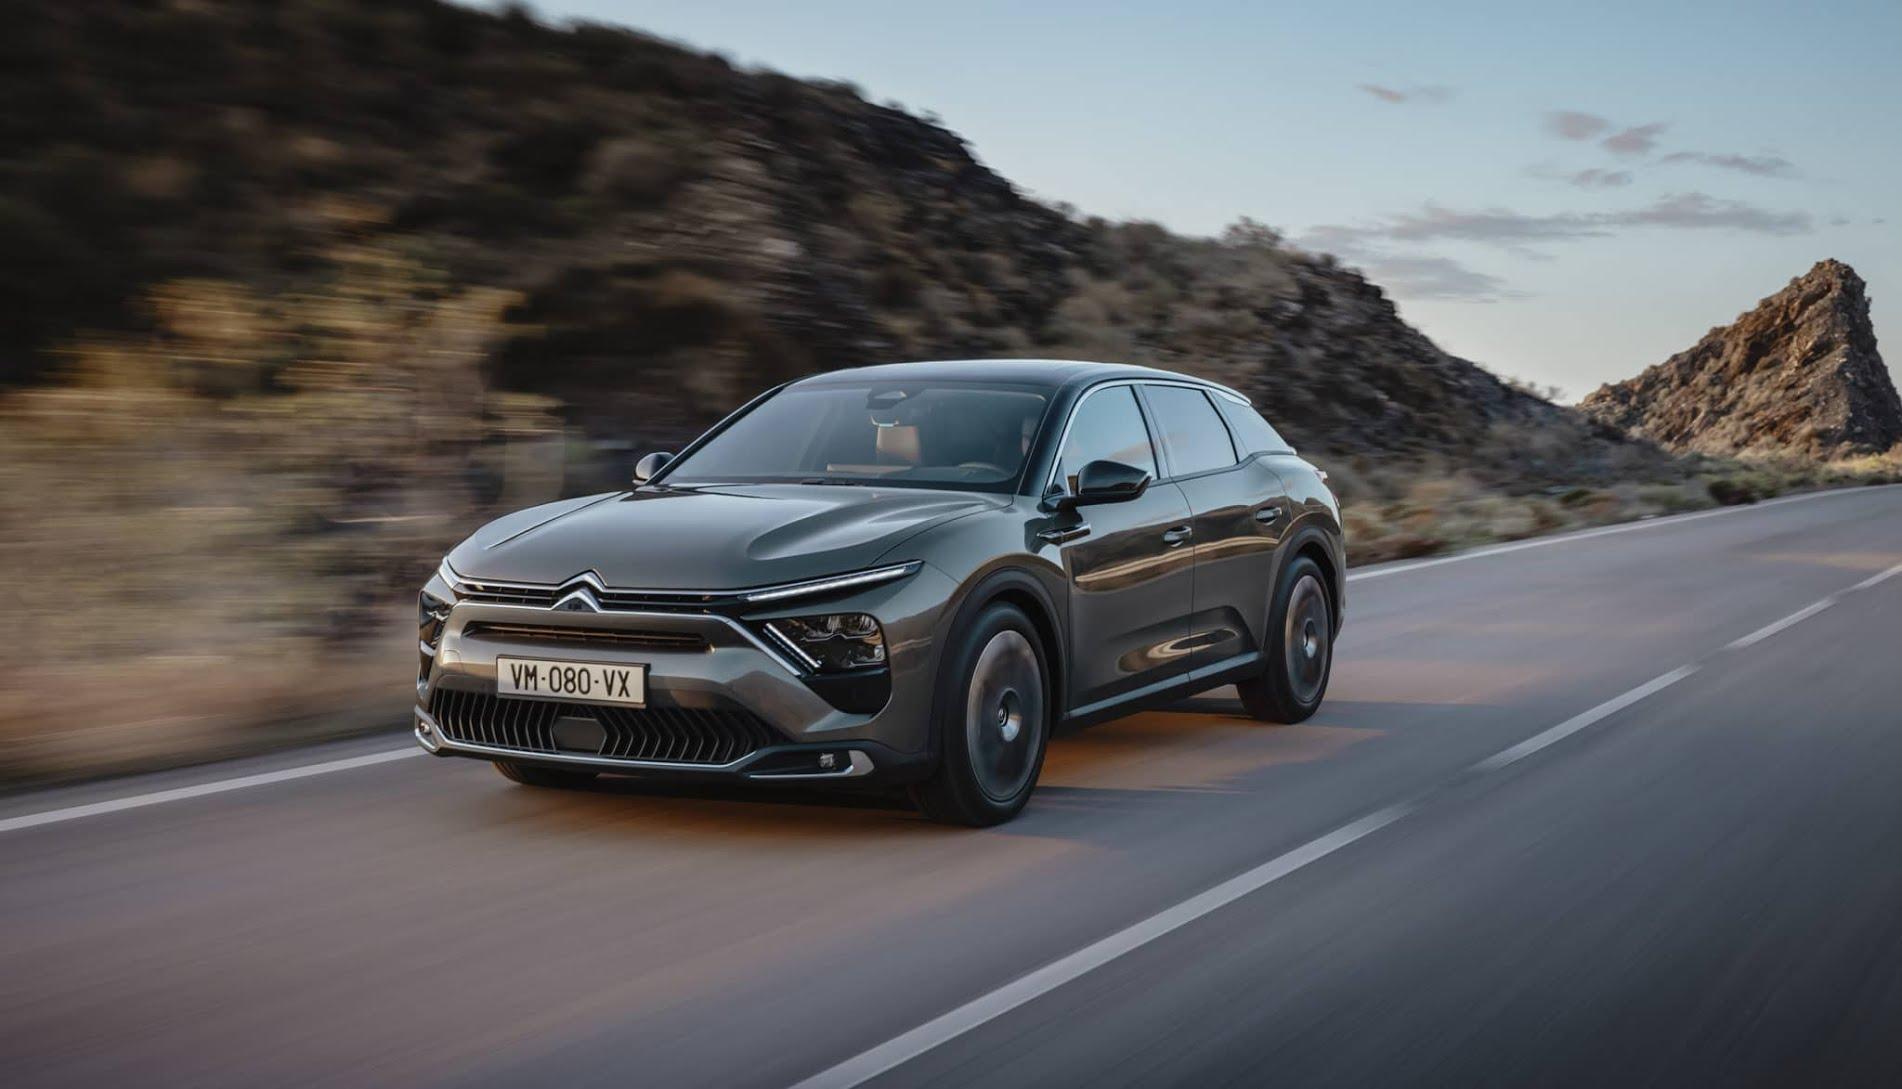 La Citroën C5 X : Une voiture à la pointe de la technologie et du confort